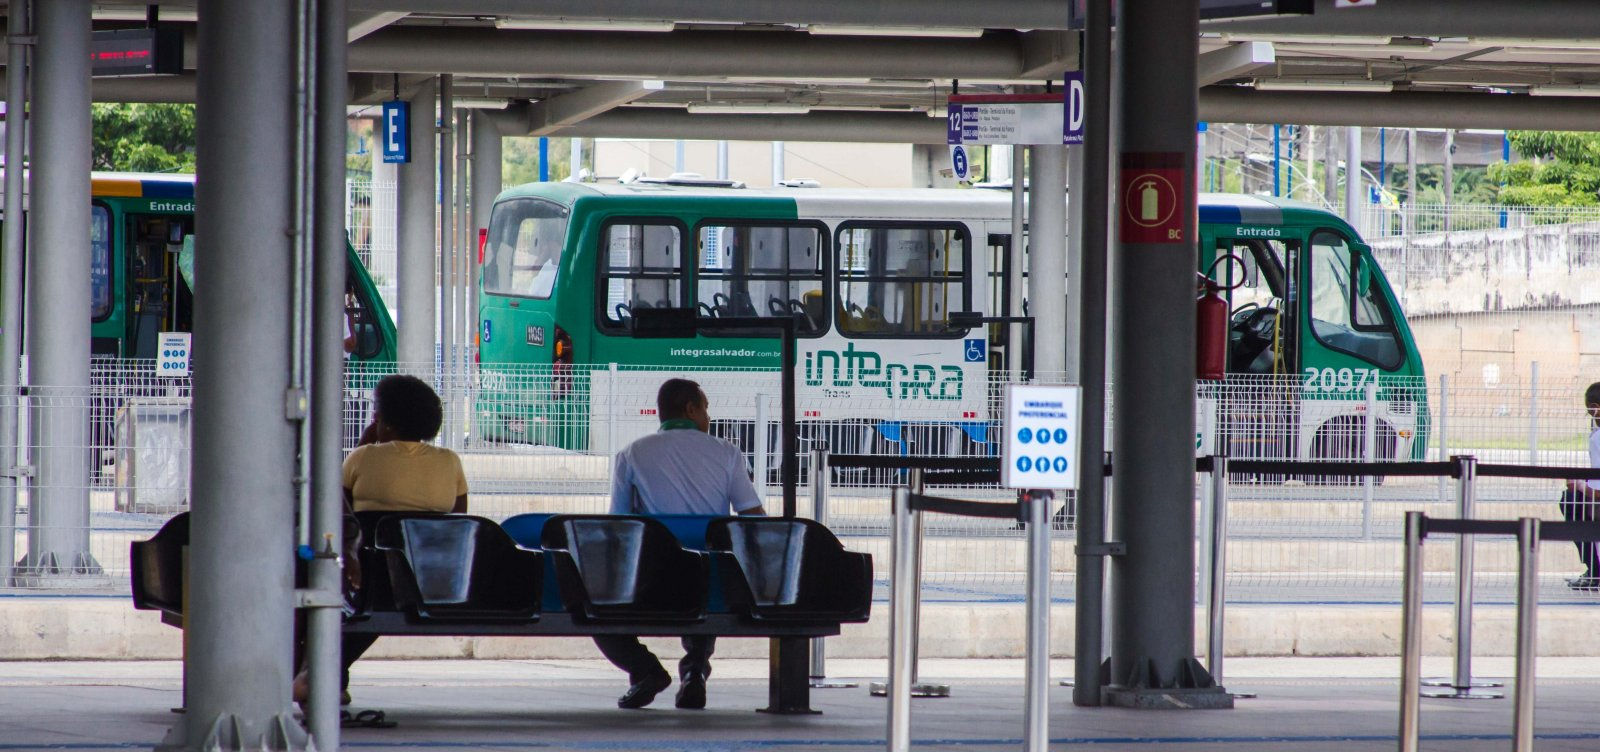 Rodoviários podem atrasar saída de ônibus das garagens nesta quinta-feira, diz sindicato